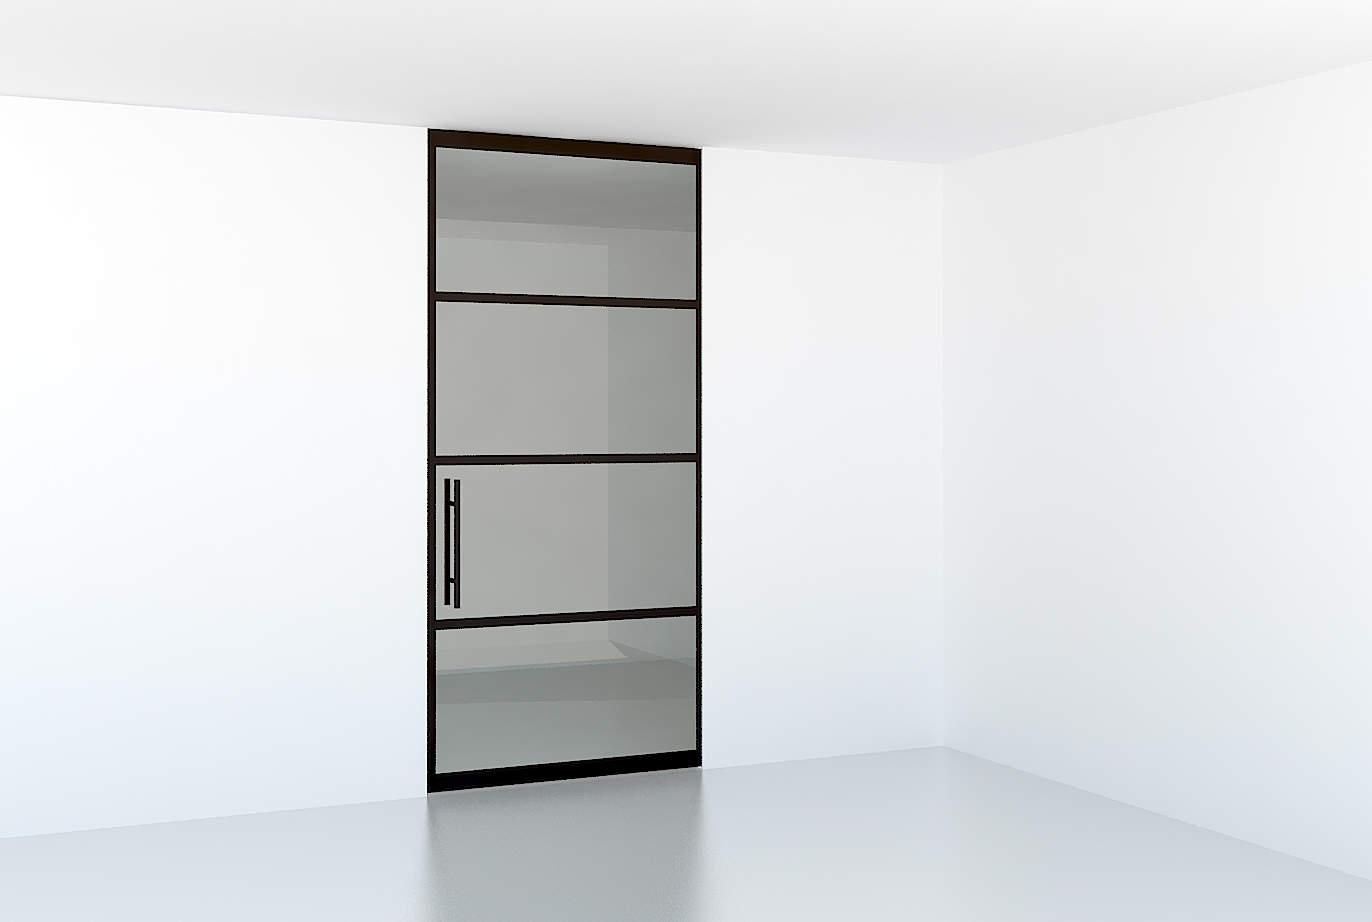 Glazen Industri 235 Le Look Deur In Huis Glass Inside Natuurlijk